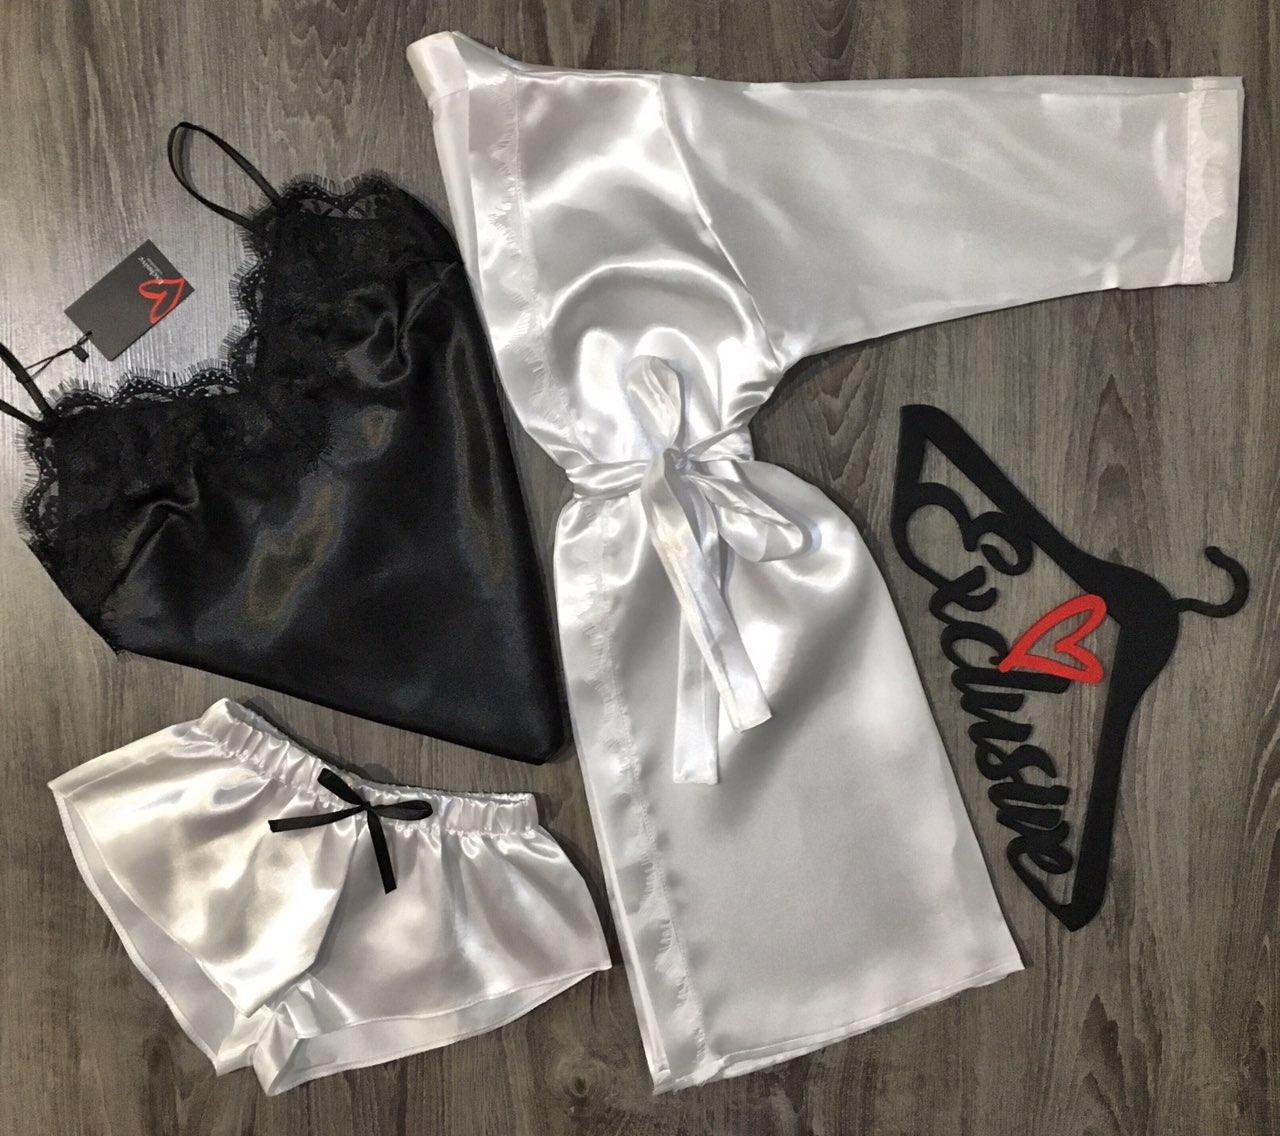 Белый халат+ пижама, женский комплект одежды для сна и отдыха.